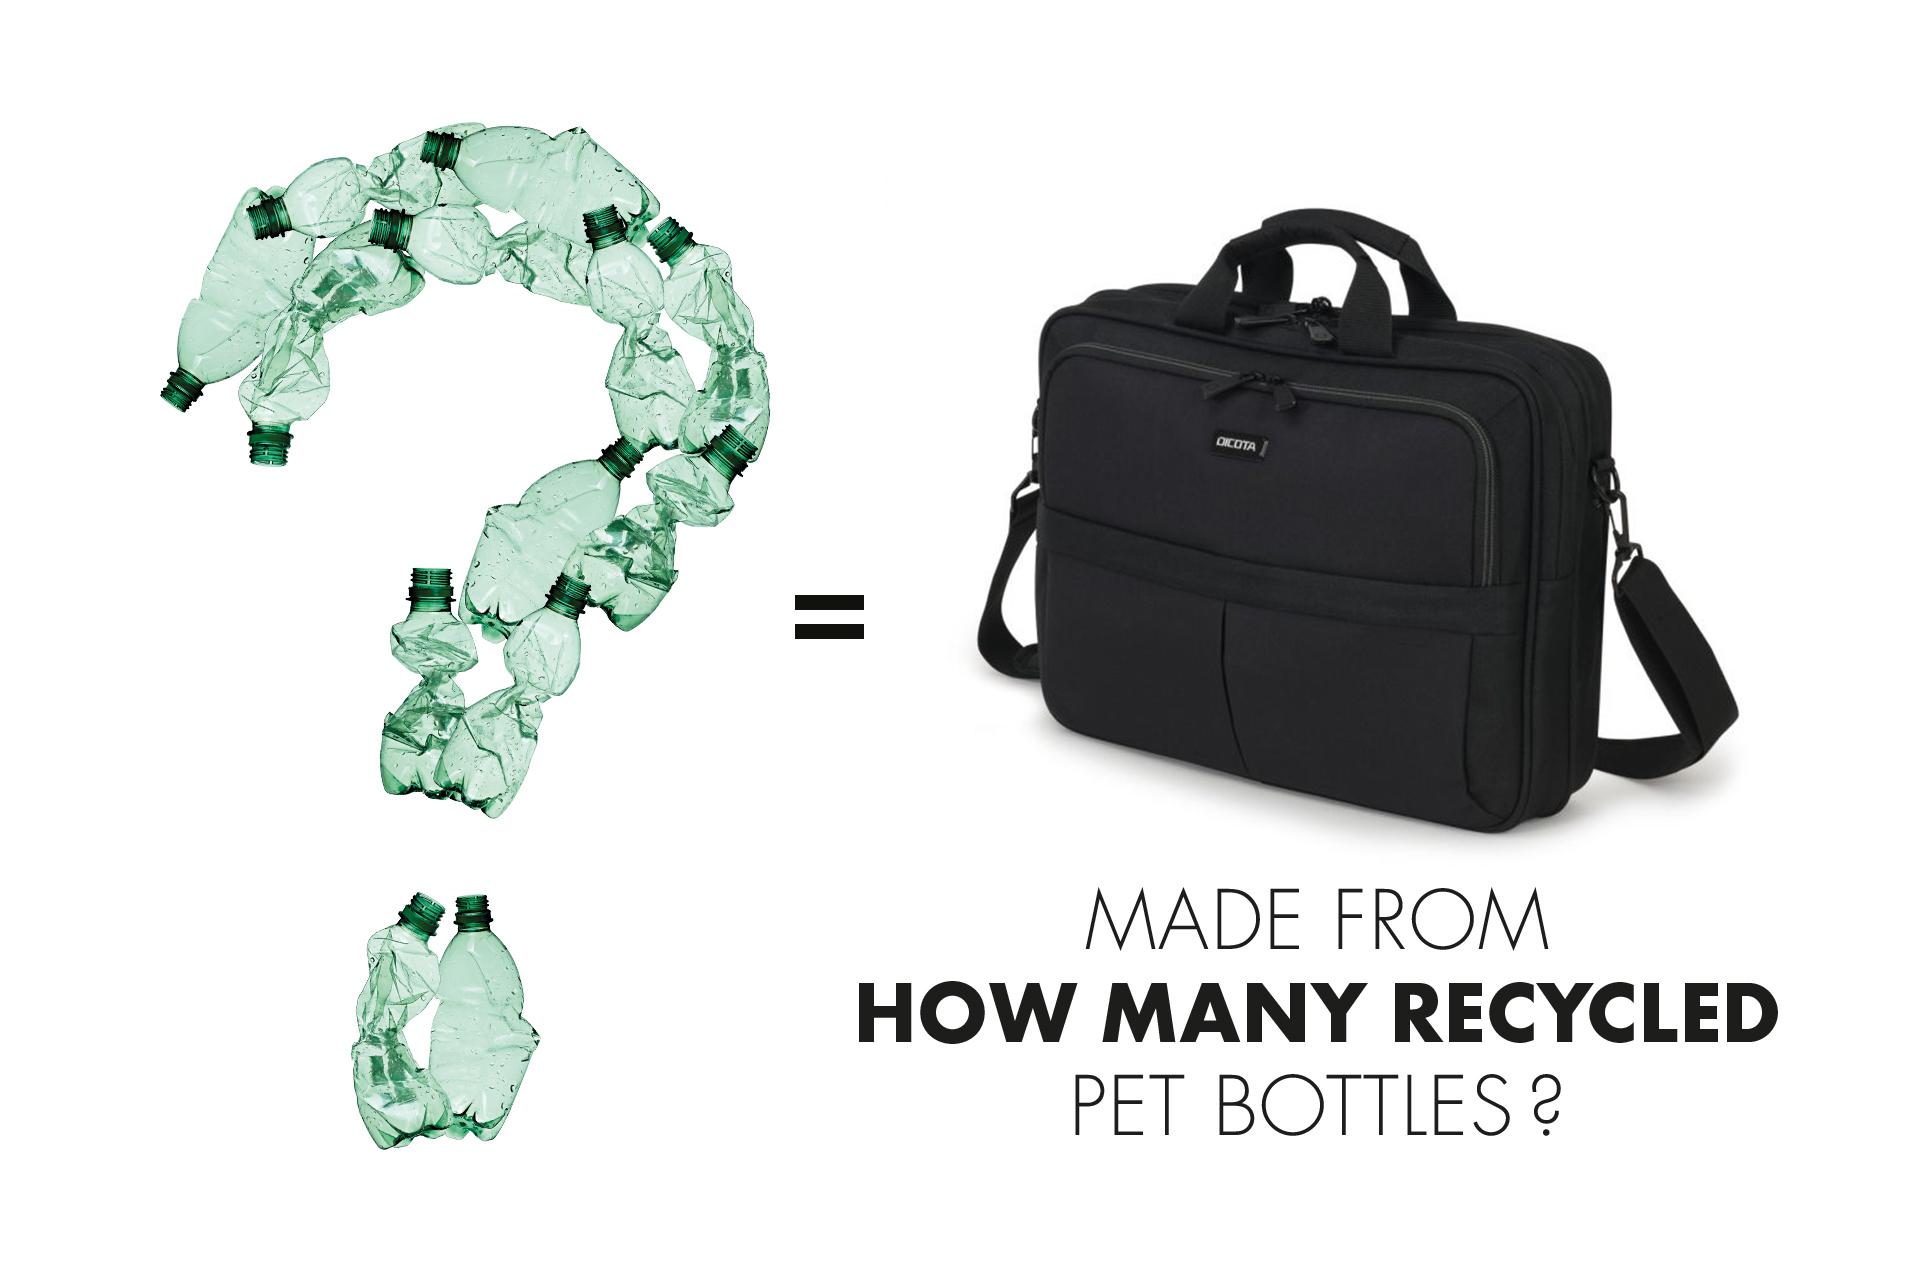 Wie viele PET Flaschen werden für eine Tasche recycelt?